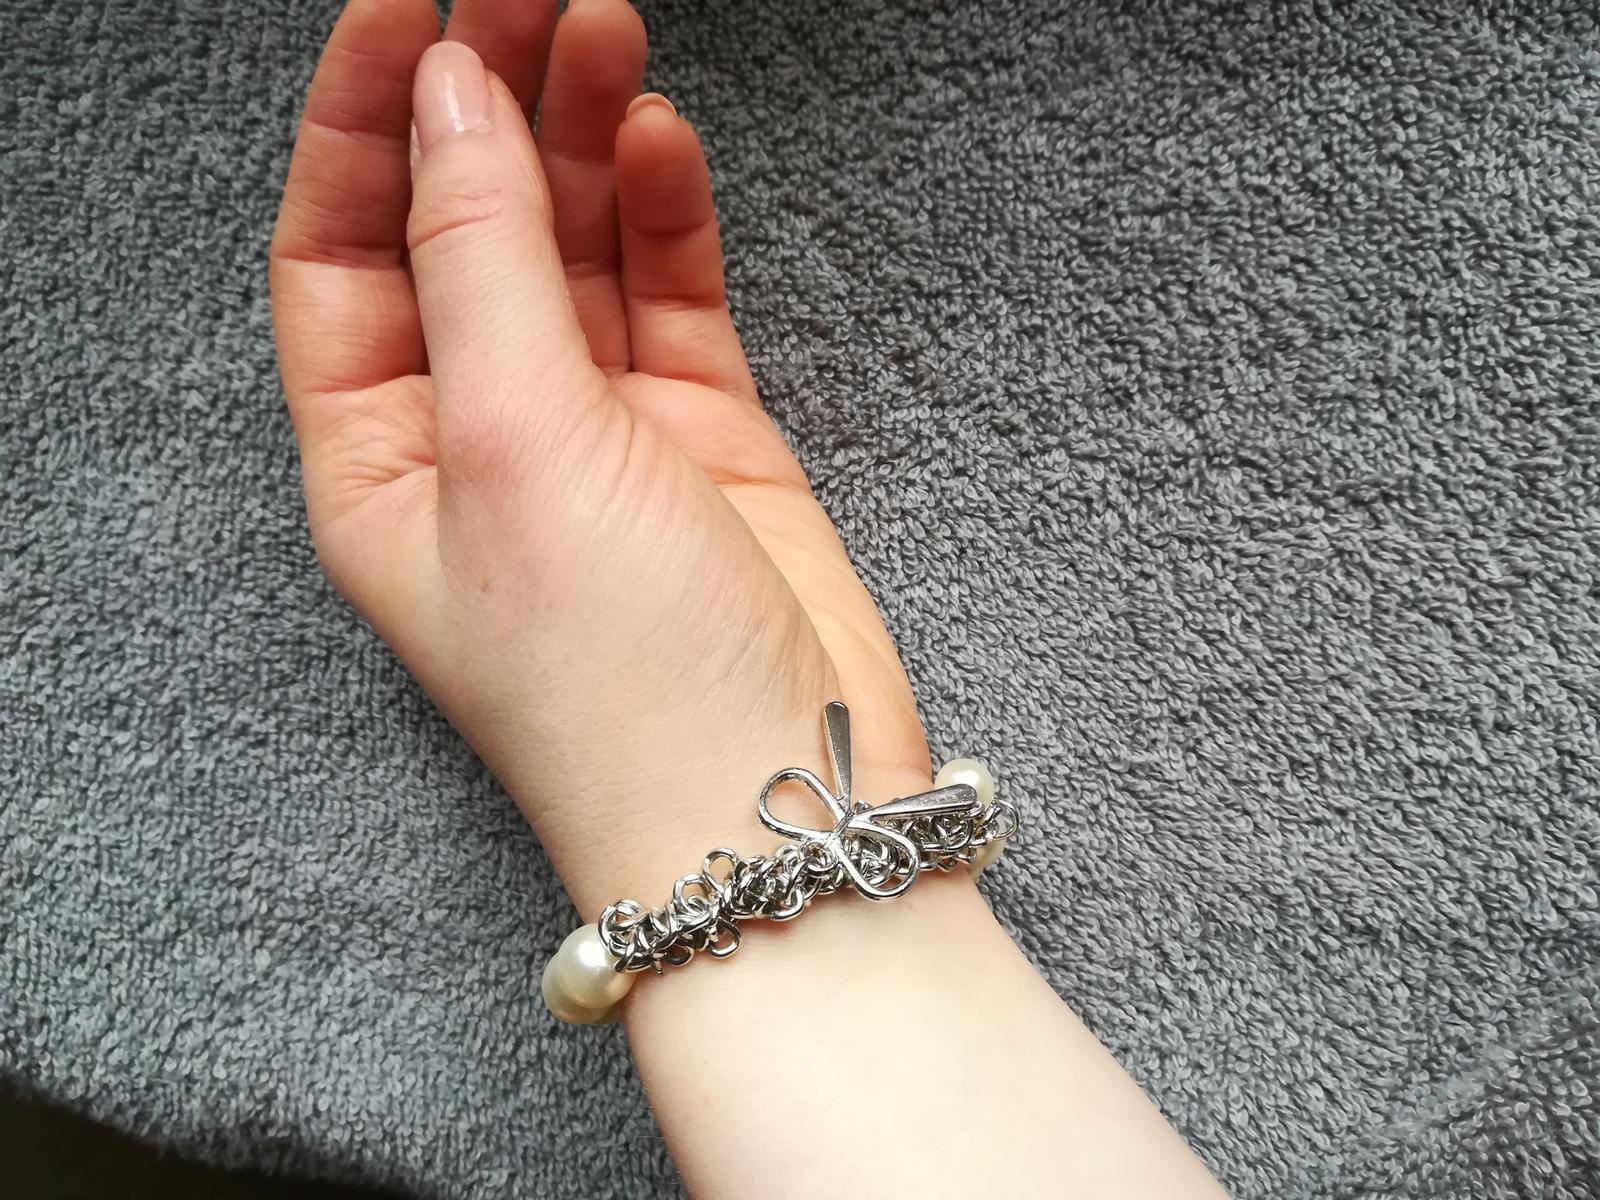 Náramek s bílými perličkami a stříbrnou mašlí - Obrázek č. 2